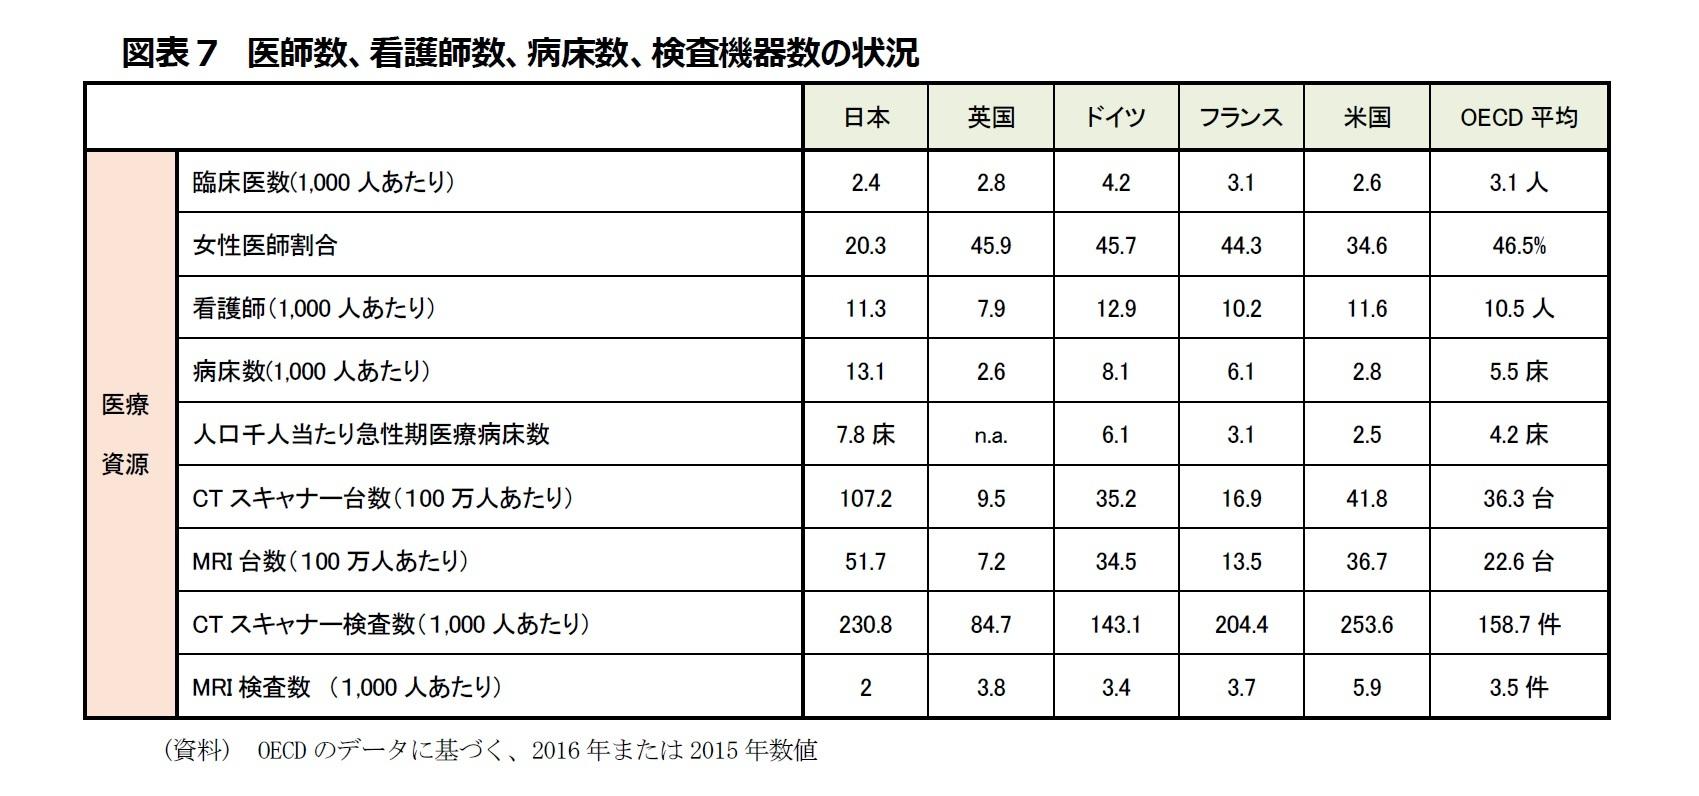 図表7 医師数、看護師数、病床数、検査機器数の状況